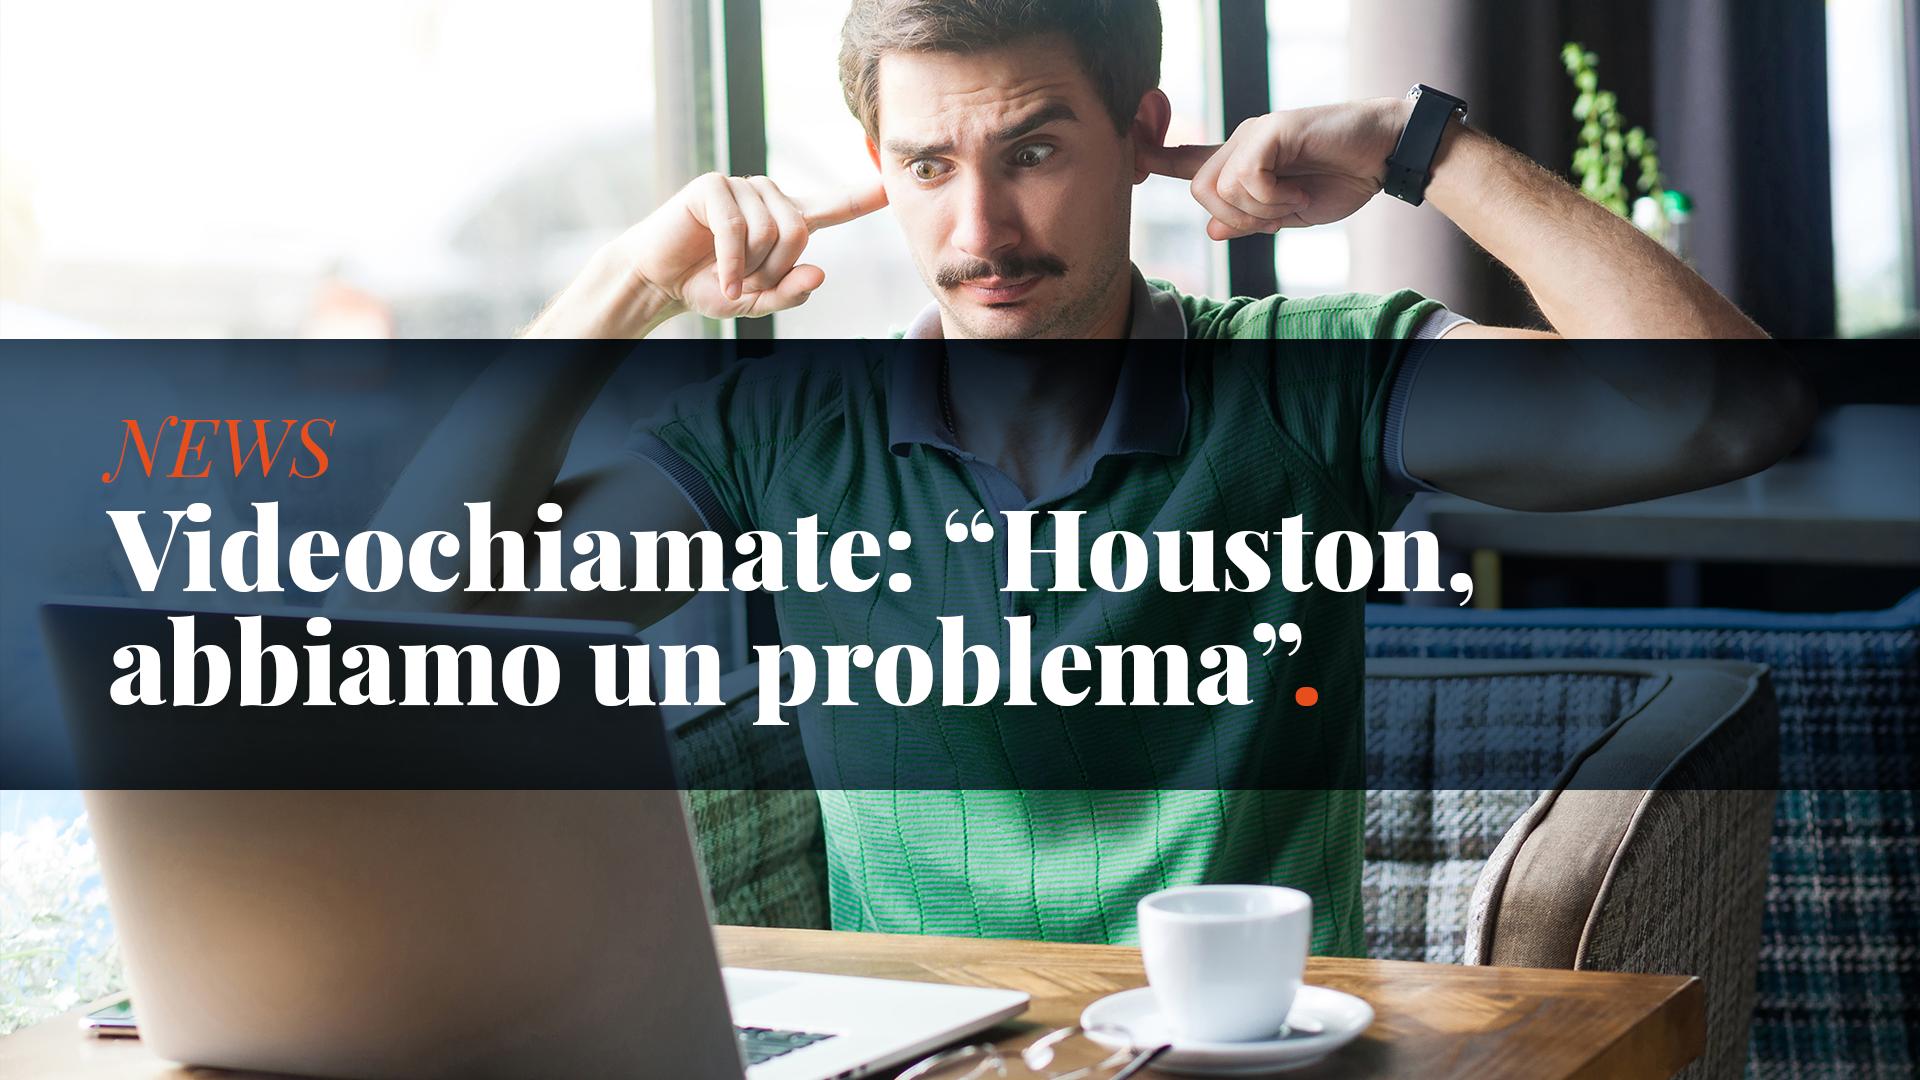 VIDEOCHIAMATE: HUSTON ABBIAMO 1 PROBLEMA!